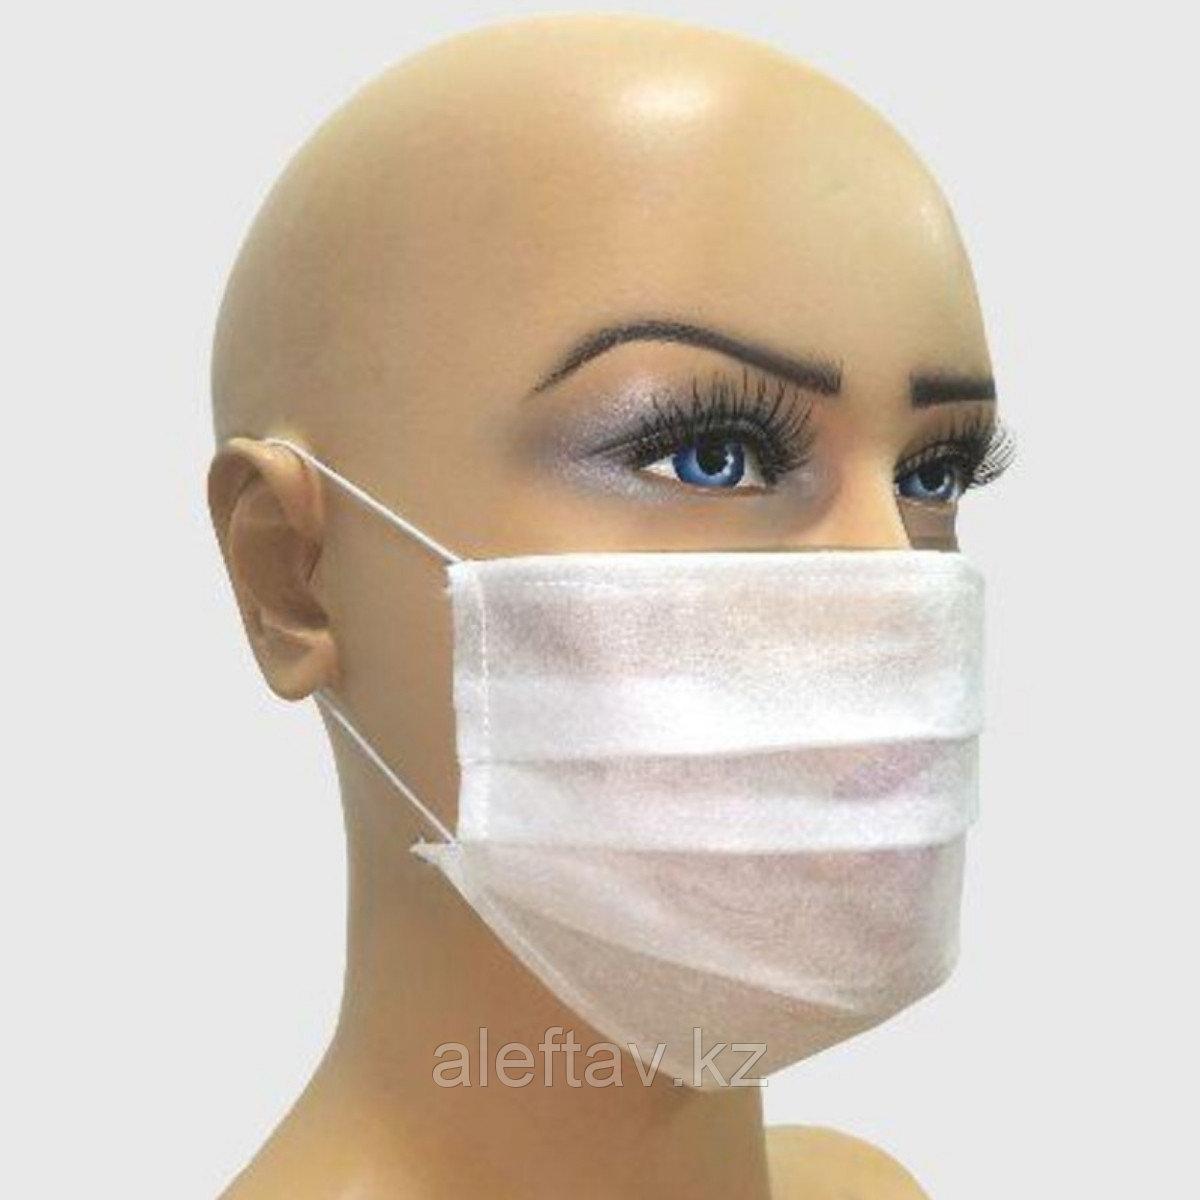 Маска медицинская одноразовая лицевая штампованная из спанбонда на резинках